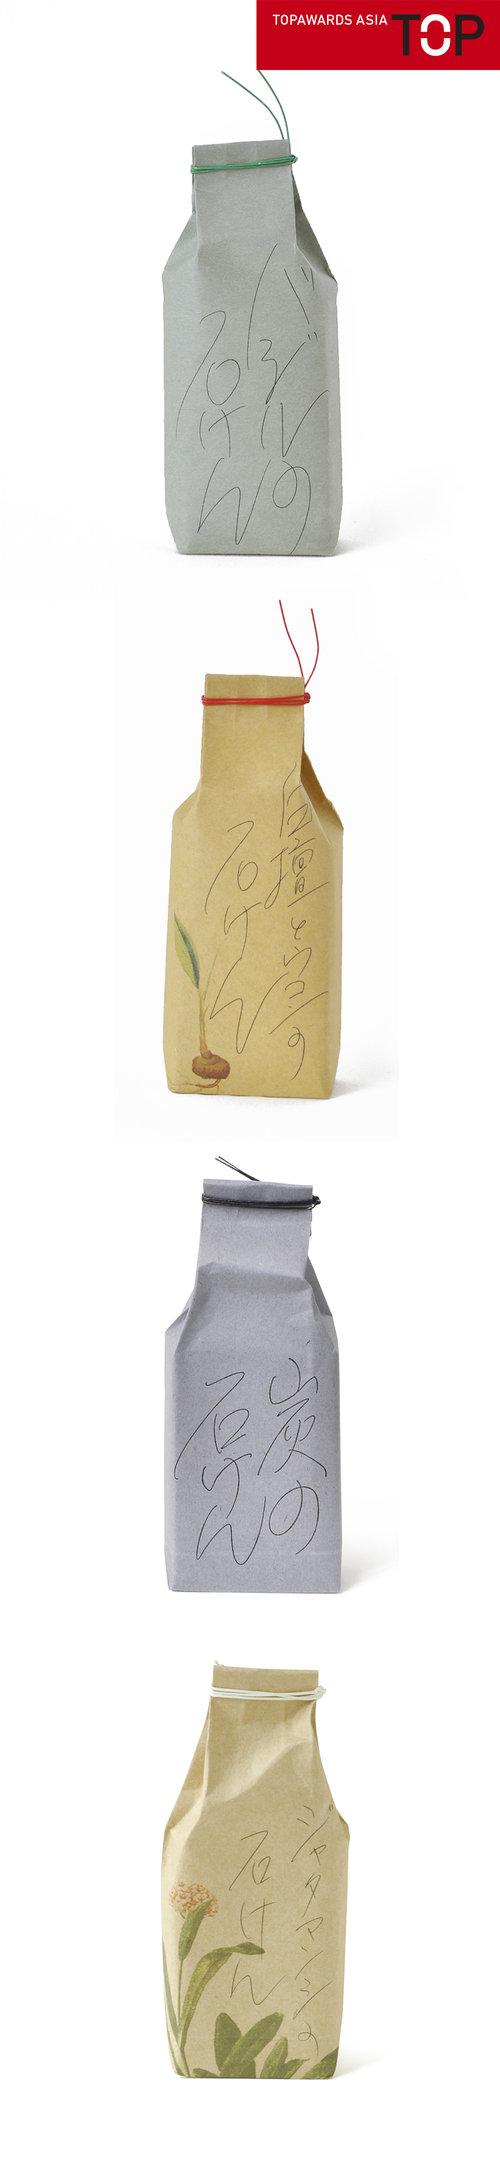 Babaghuri soap u topawards asia packaging pinterest asia